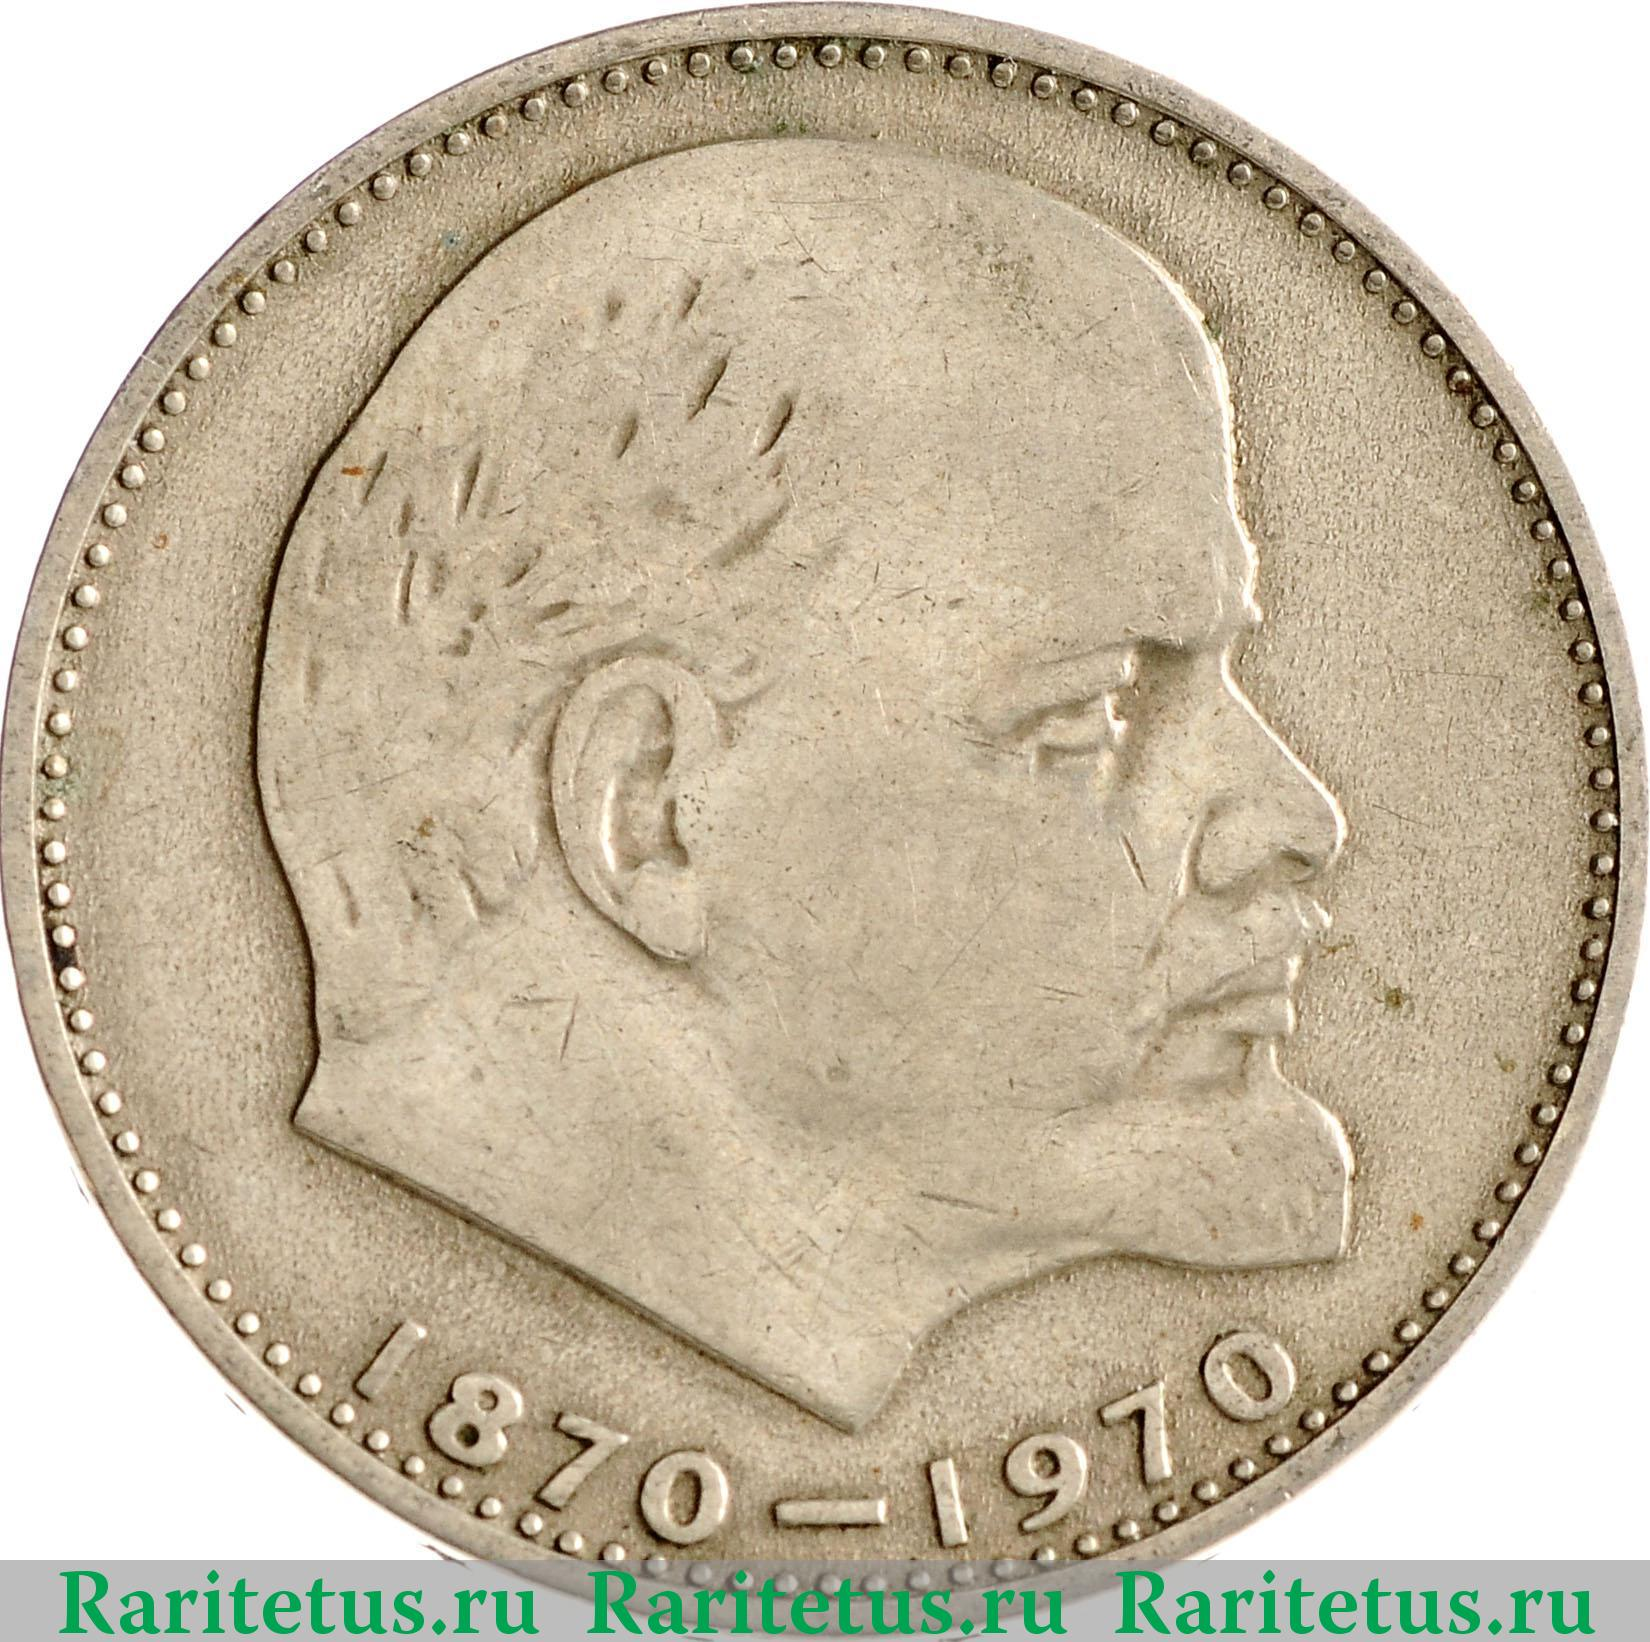 Сколько стоит 1 рубль 1970 года цена сколько стоит рубль 1998